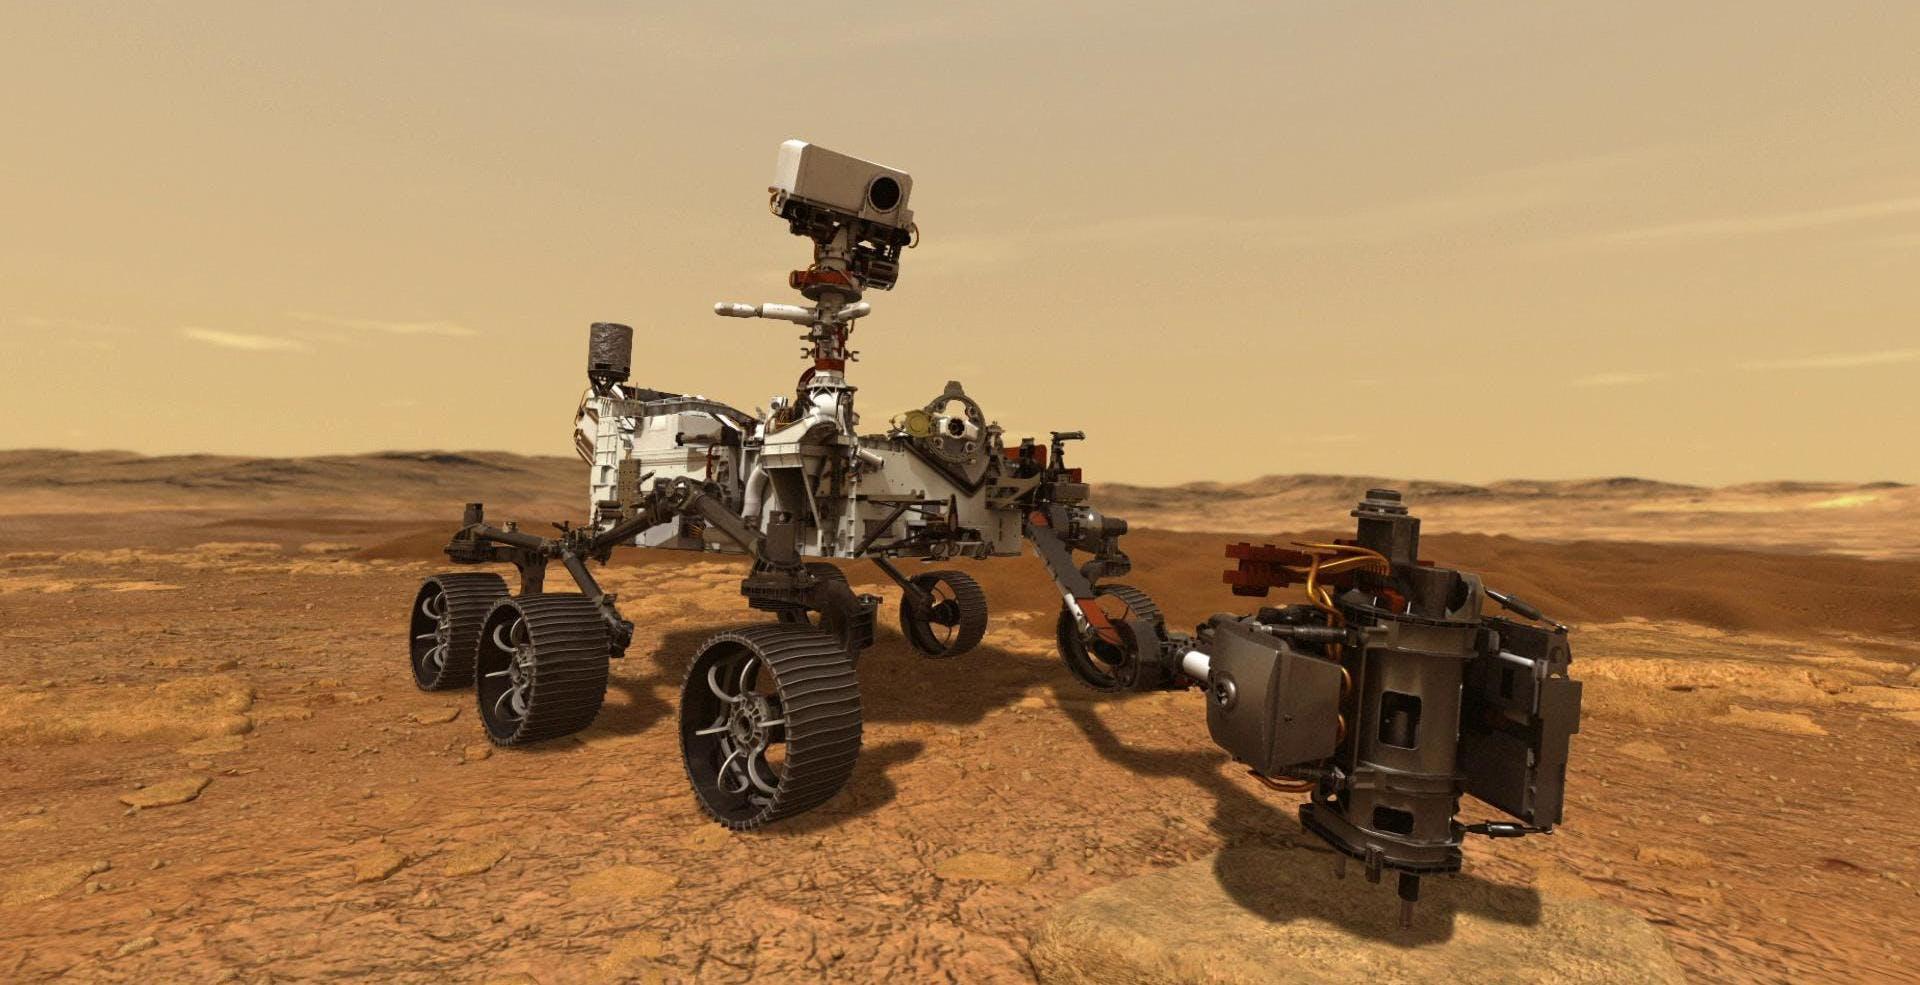 Domani la NASA invierà un rover su Marte insieme a un pezzo di meteorite. Perché?